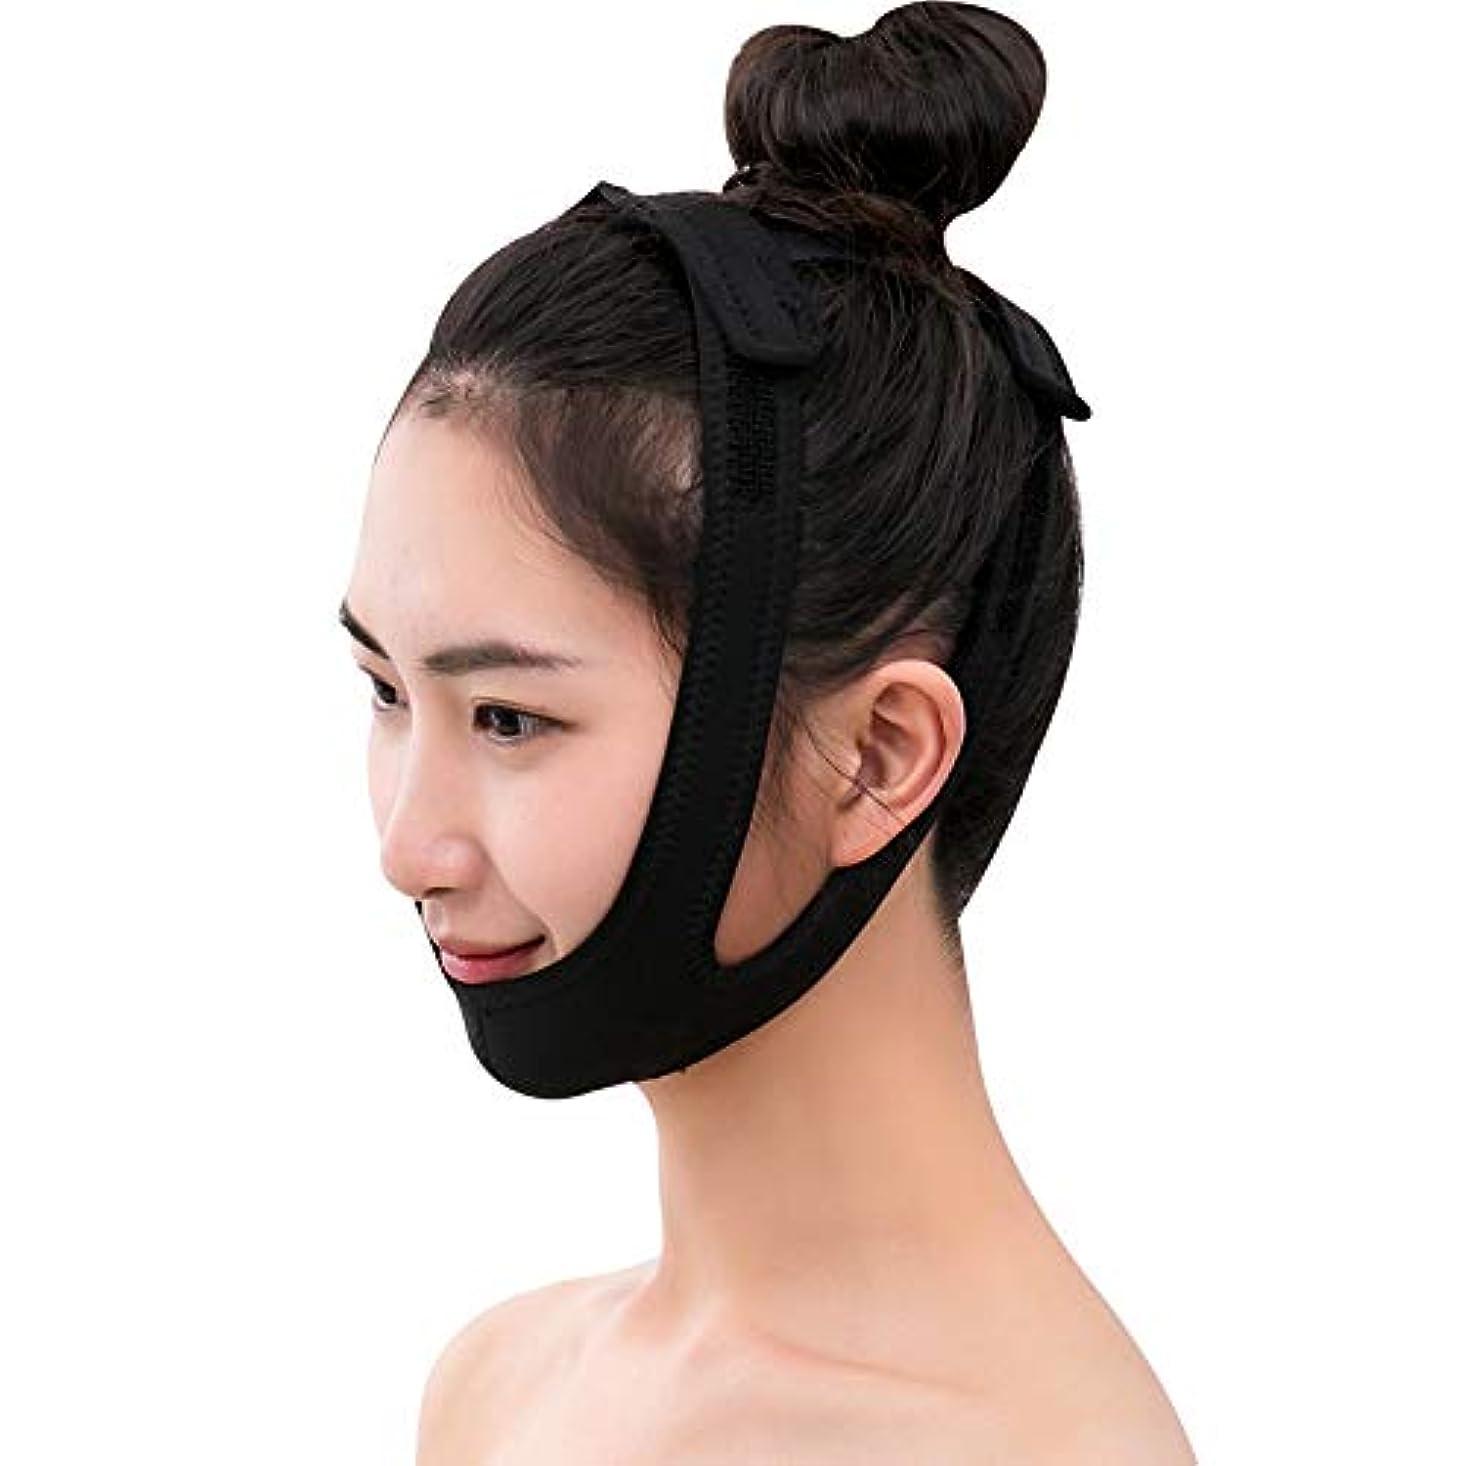 バンドルピービッシュエクステントフェイスリフティング包帯、Vフェイス睡眠フェイスマスク、整形と持ち上げ、ダブルチンストラップ